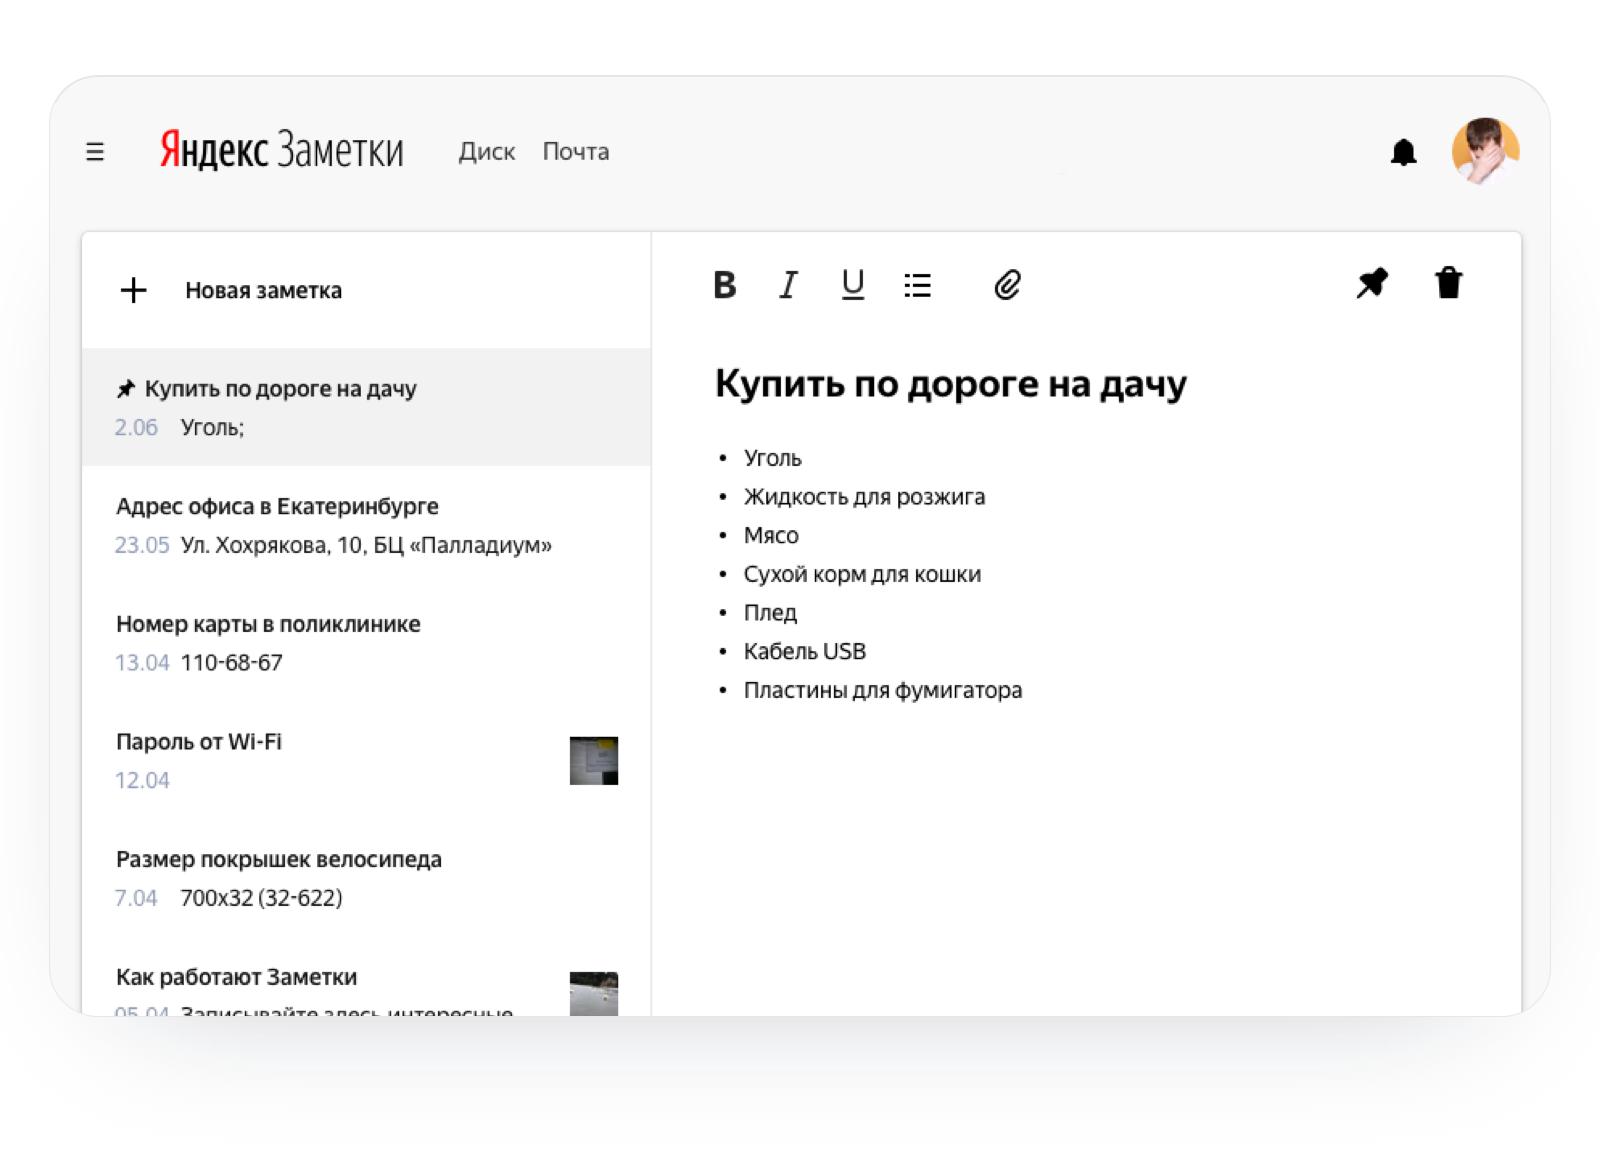 Яндекс сделал «Заметки» доступными для пользователей Windows, Android и любых видов браузеров - 1